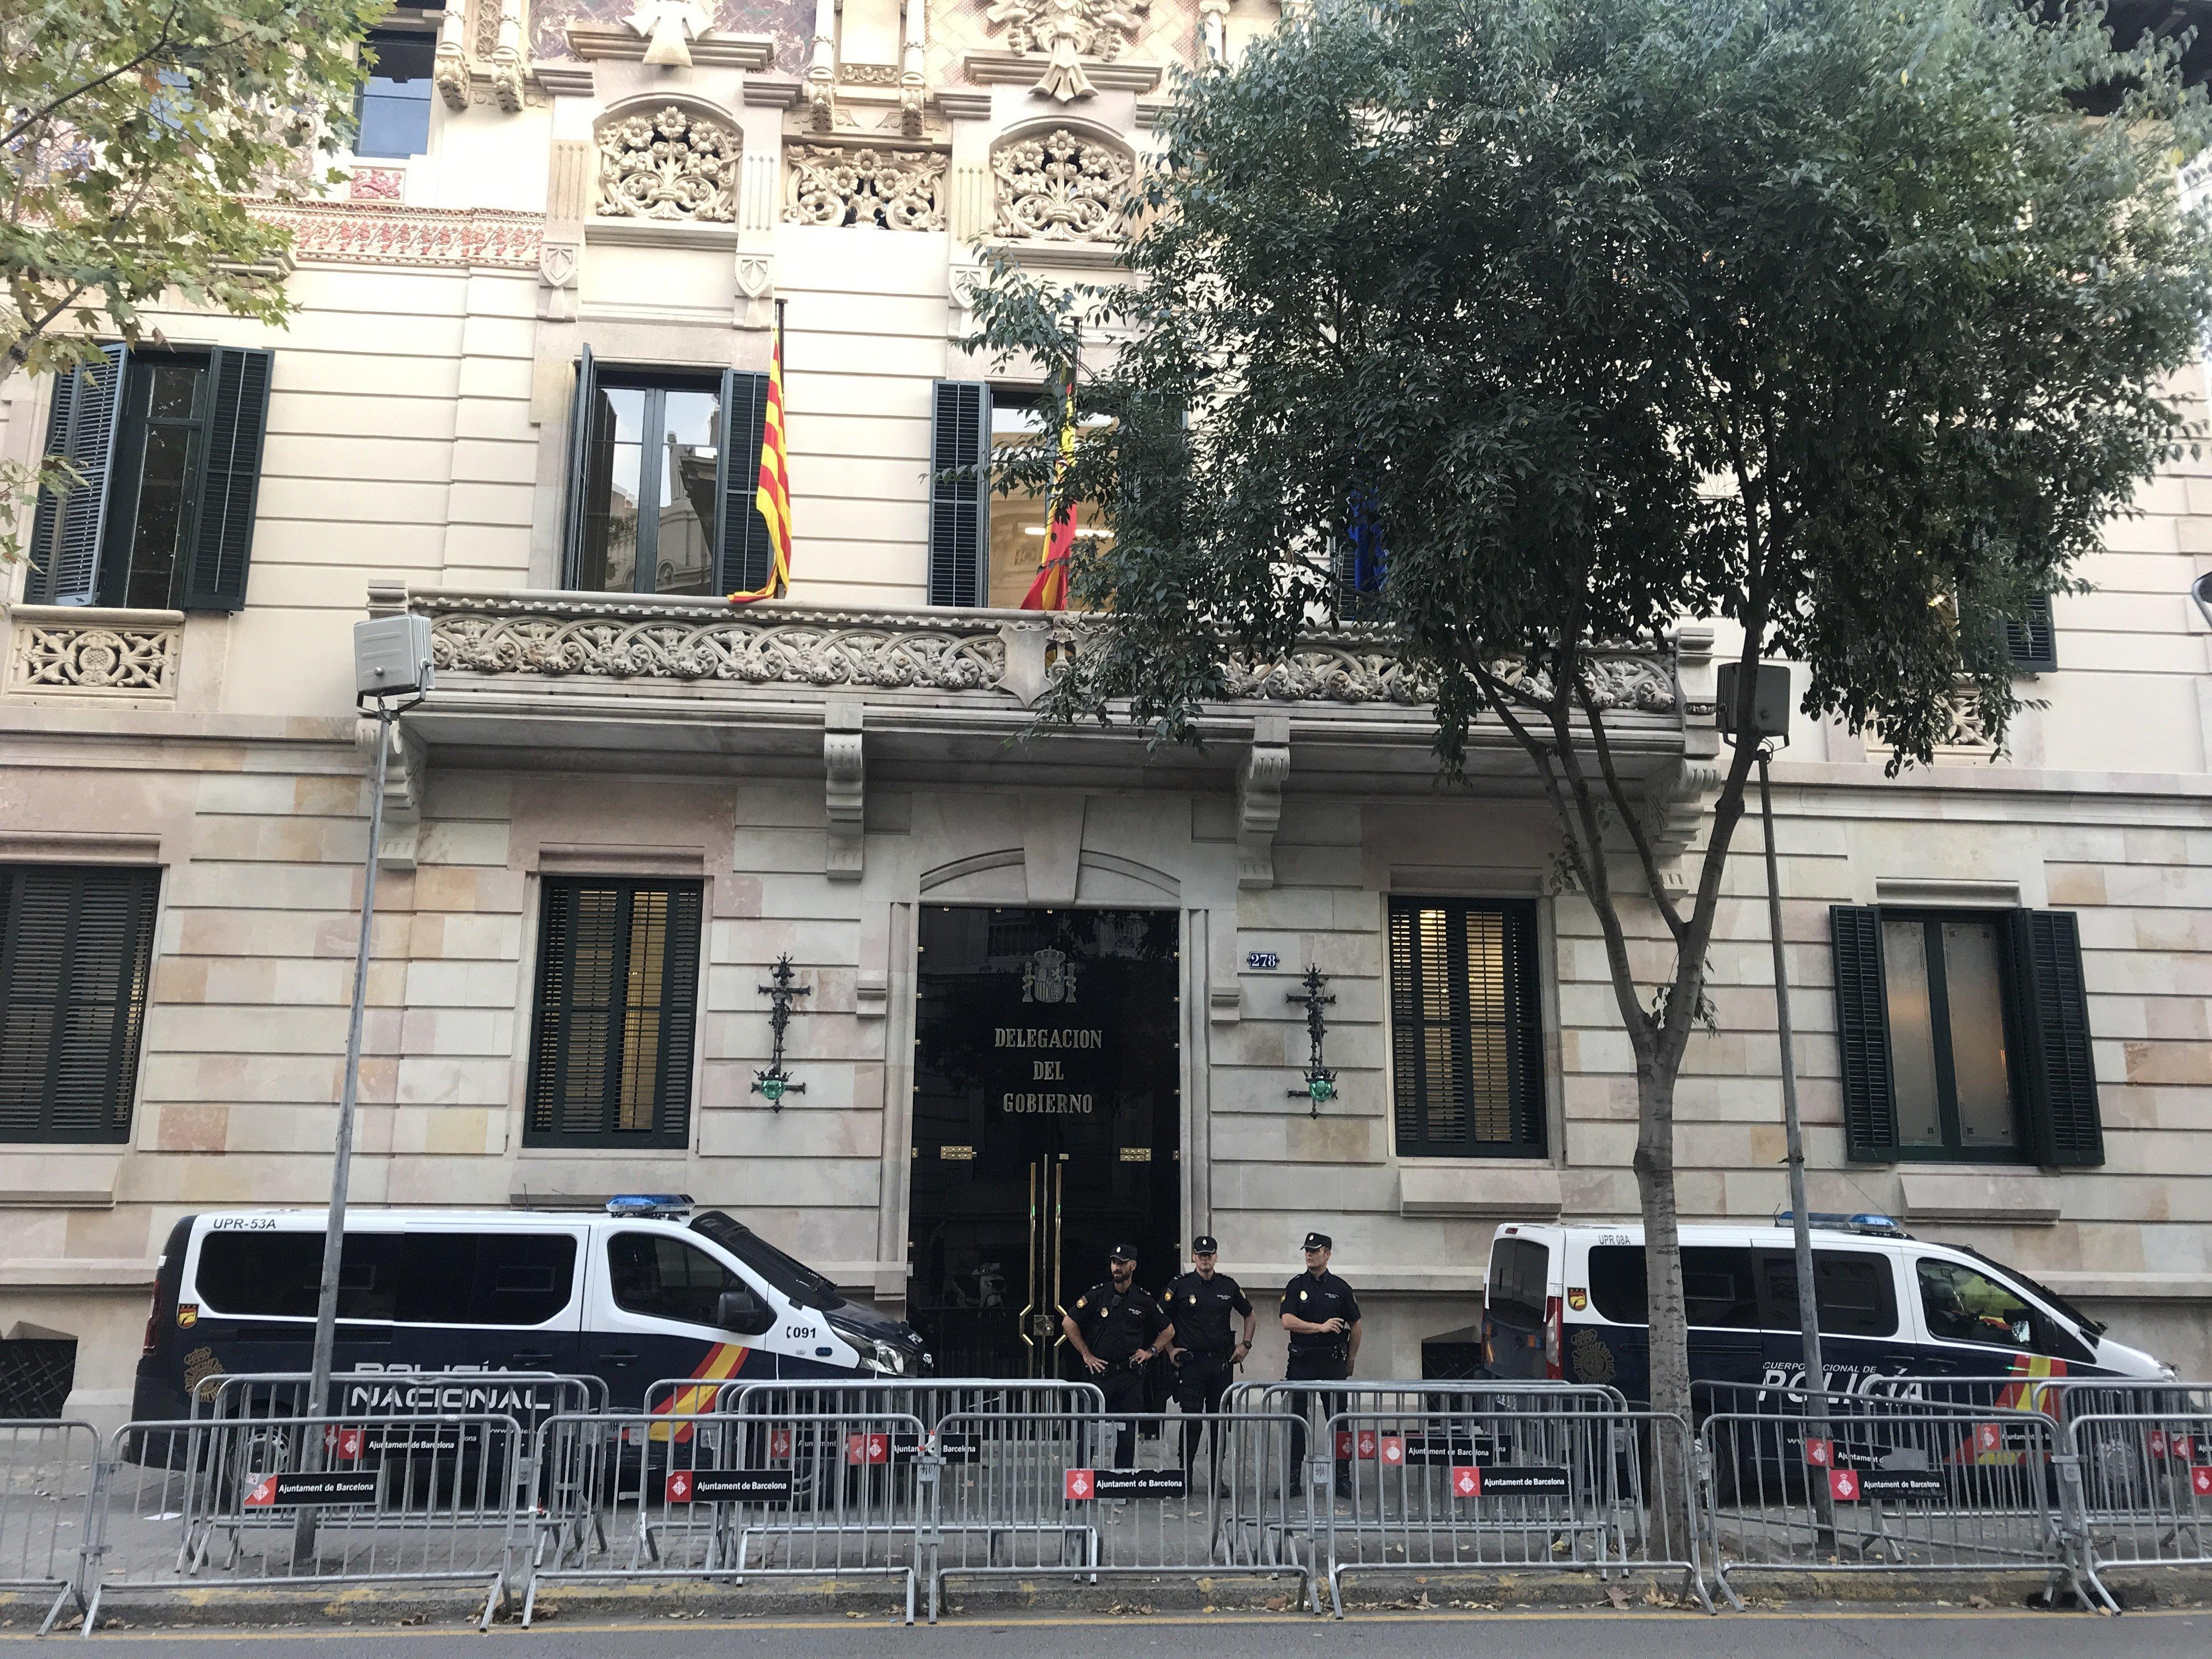 La entrada de la Delegación del Gobierno de España en Barcelona estaba fuertemente vigilada